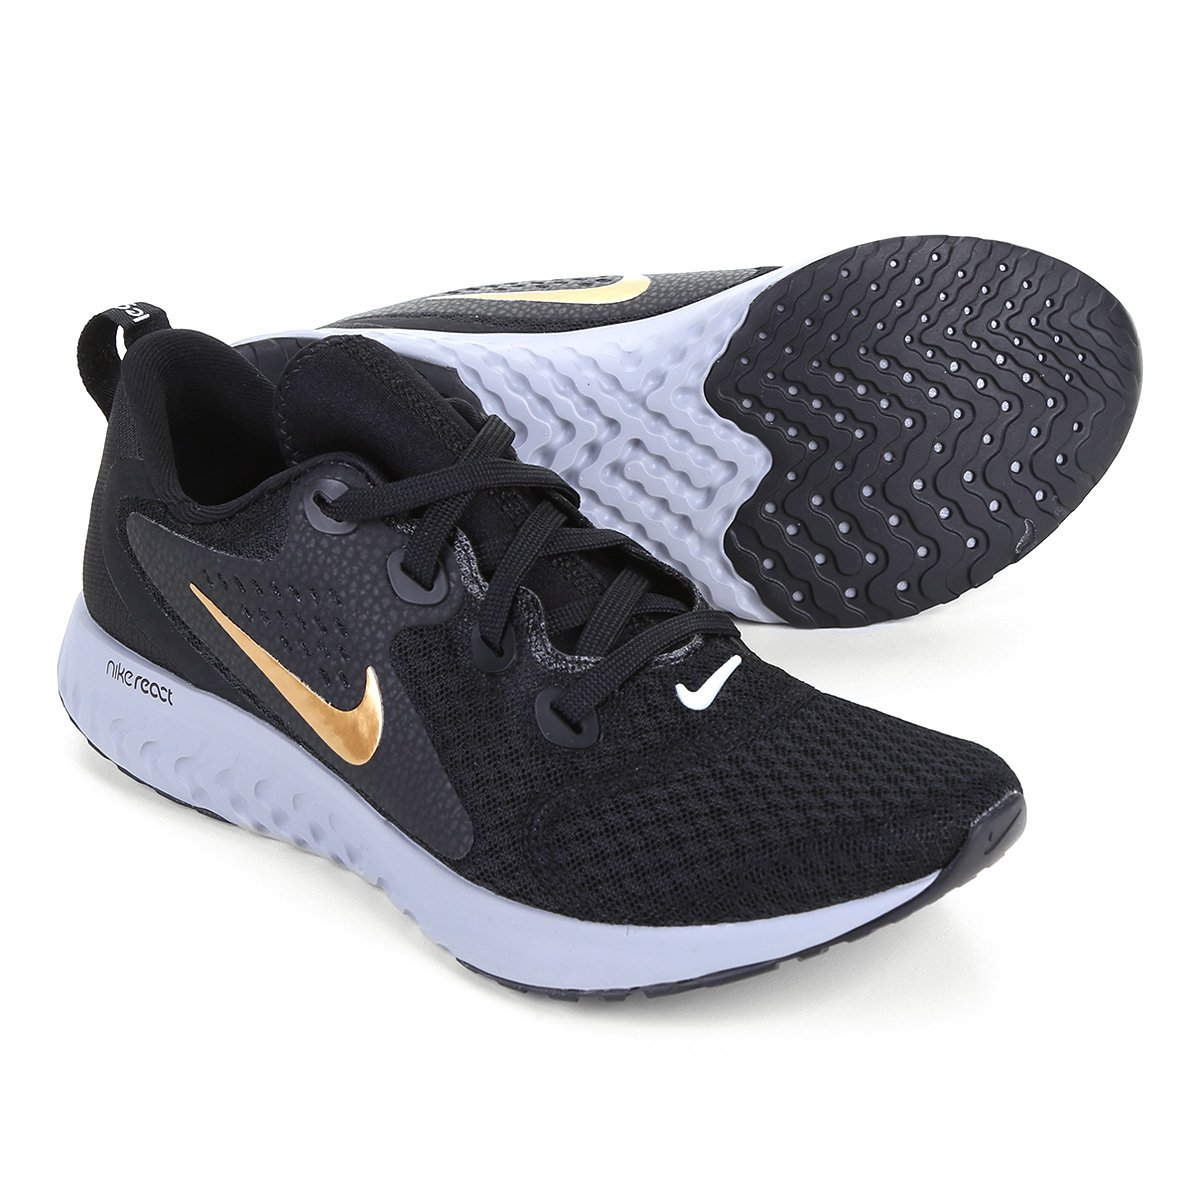 c235230977f4f Tênis Nike Legend React Feminino - Preto e Dourado - Compre Agora ...